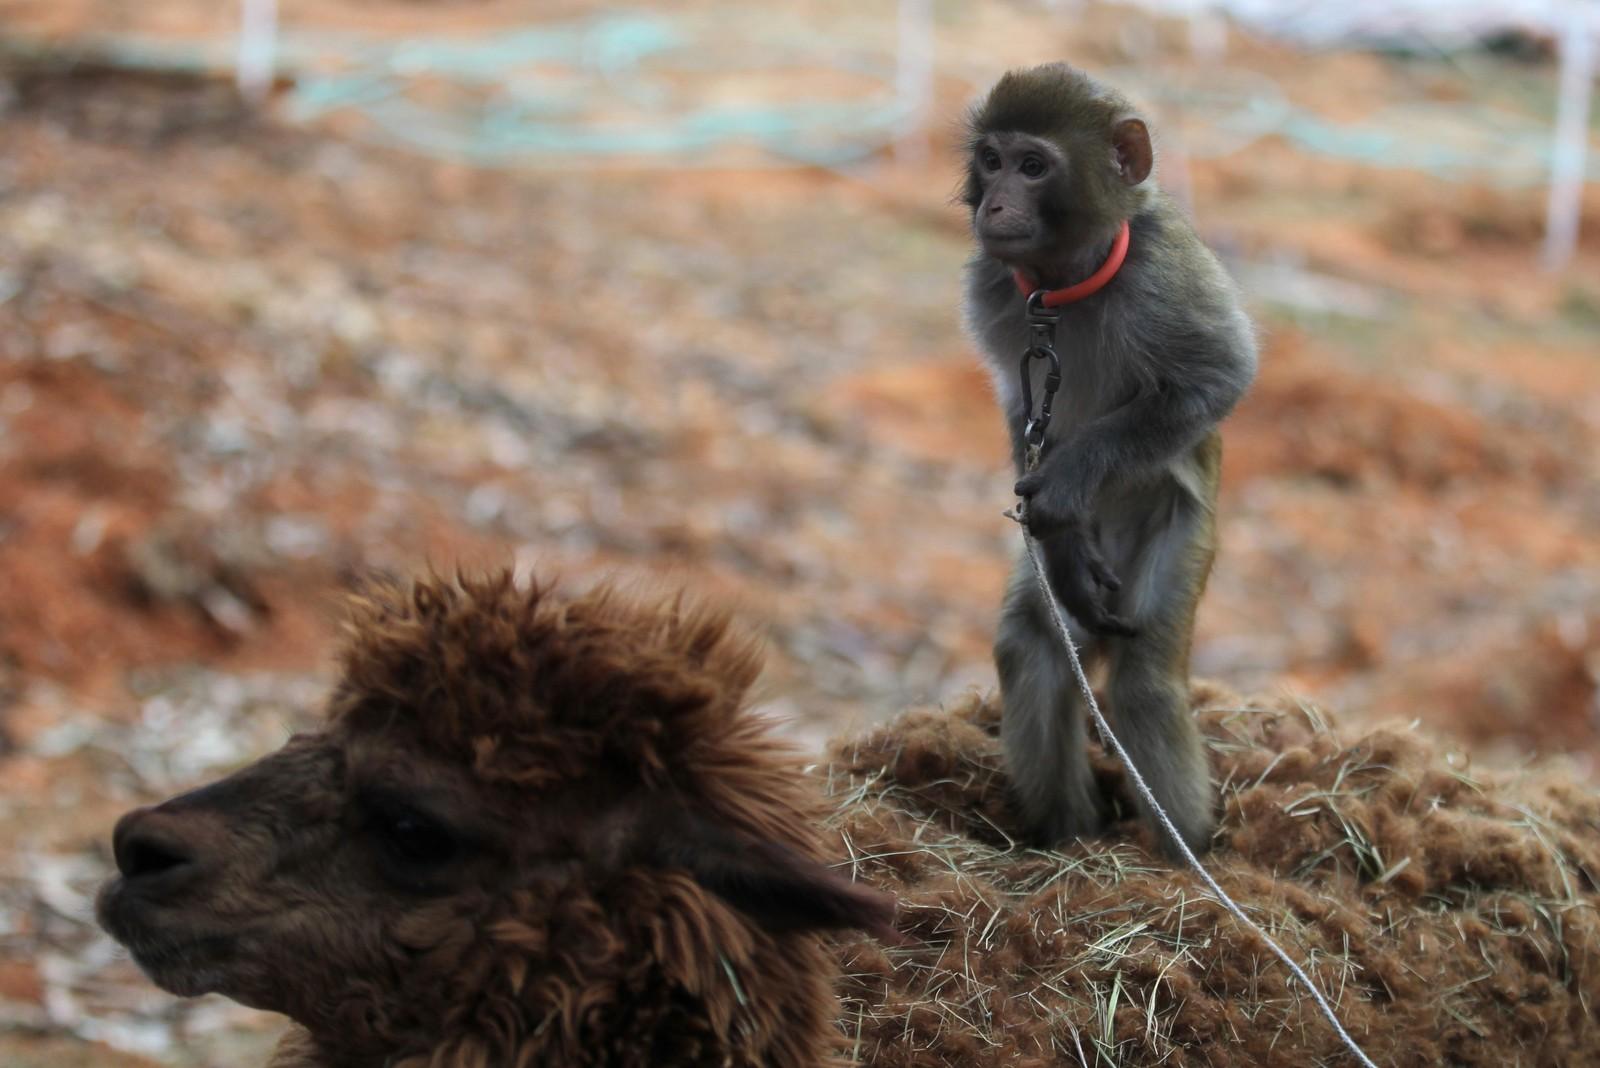 En ape stilles ut på en alpakka i en dyrehage foran fotograferende turister i forkant av det kineserne kaller apens år.